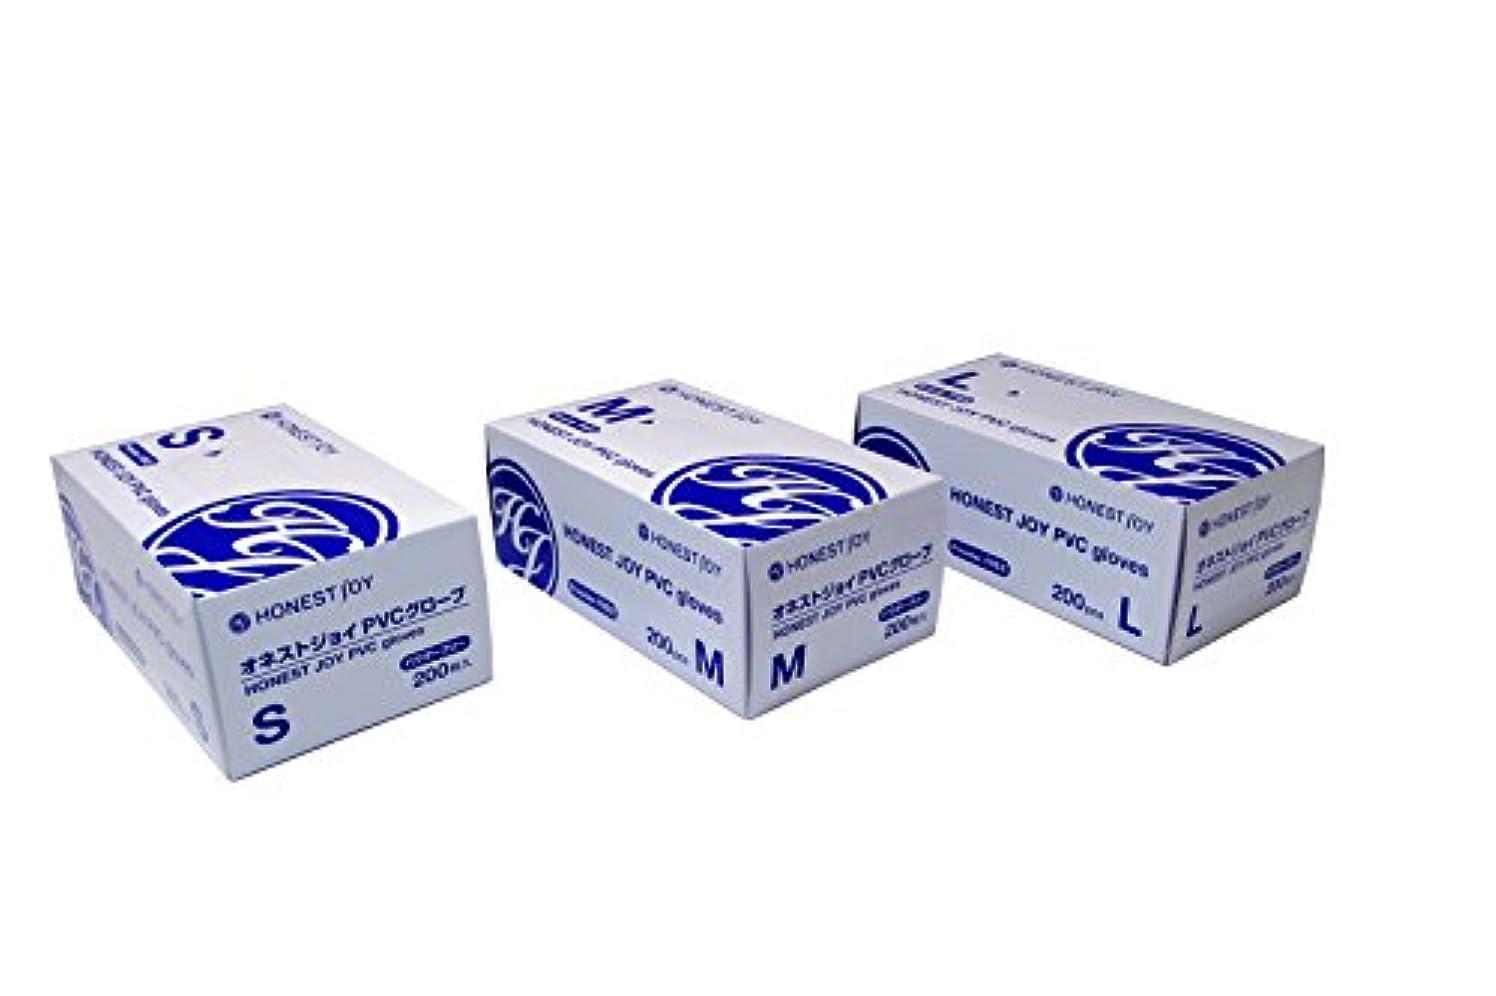 少ないオゾンオートオネストジョイ PVC グローブ パウダーフリー Sサイズ 1箱200枚入り